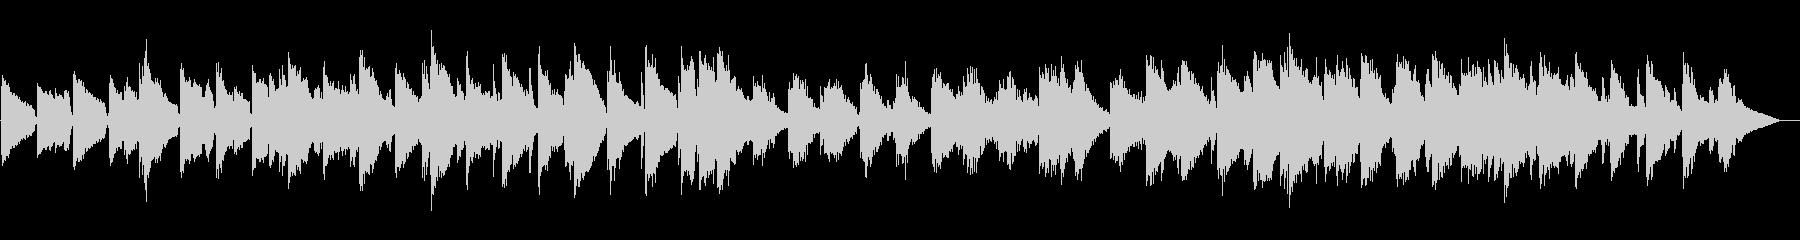 幻想的なボサノバの未再生の波形